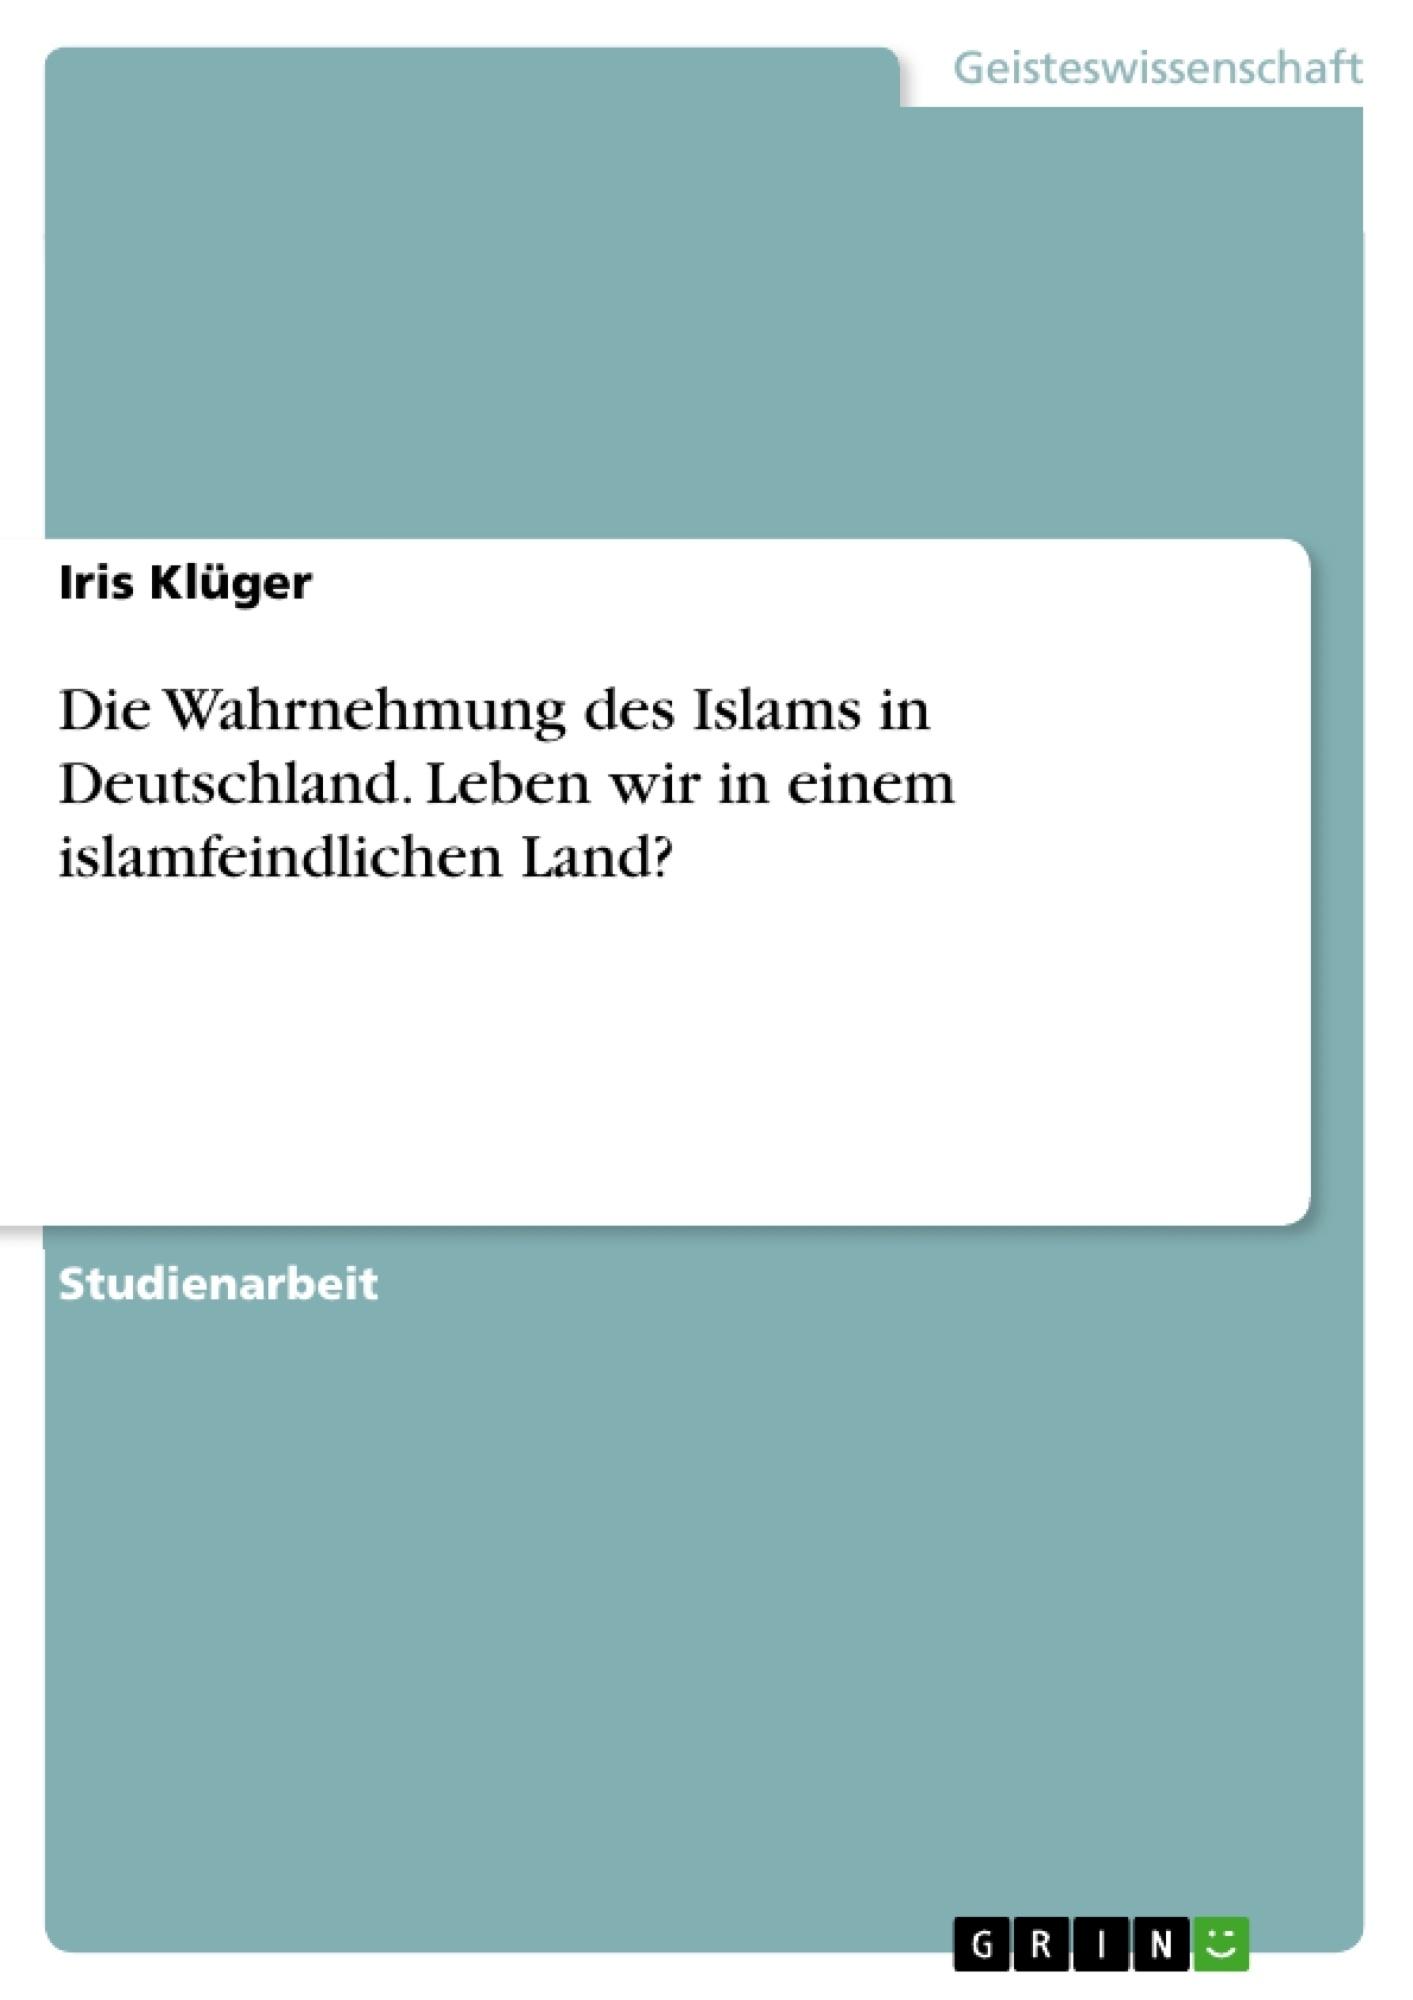 Titel: Die Wahrnehmung des Islams in Deutschland. Leben wir in einem islamfeindlichen Land?